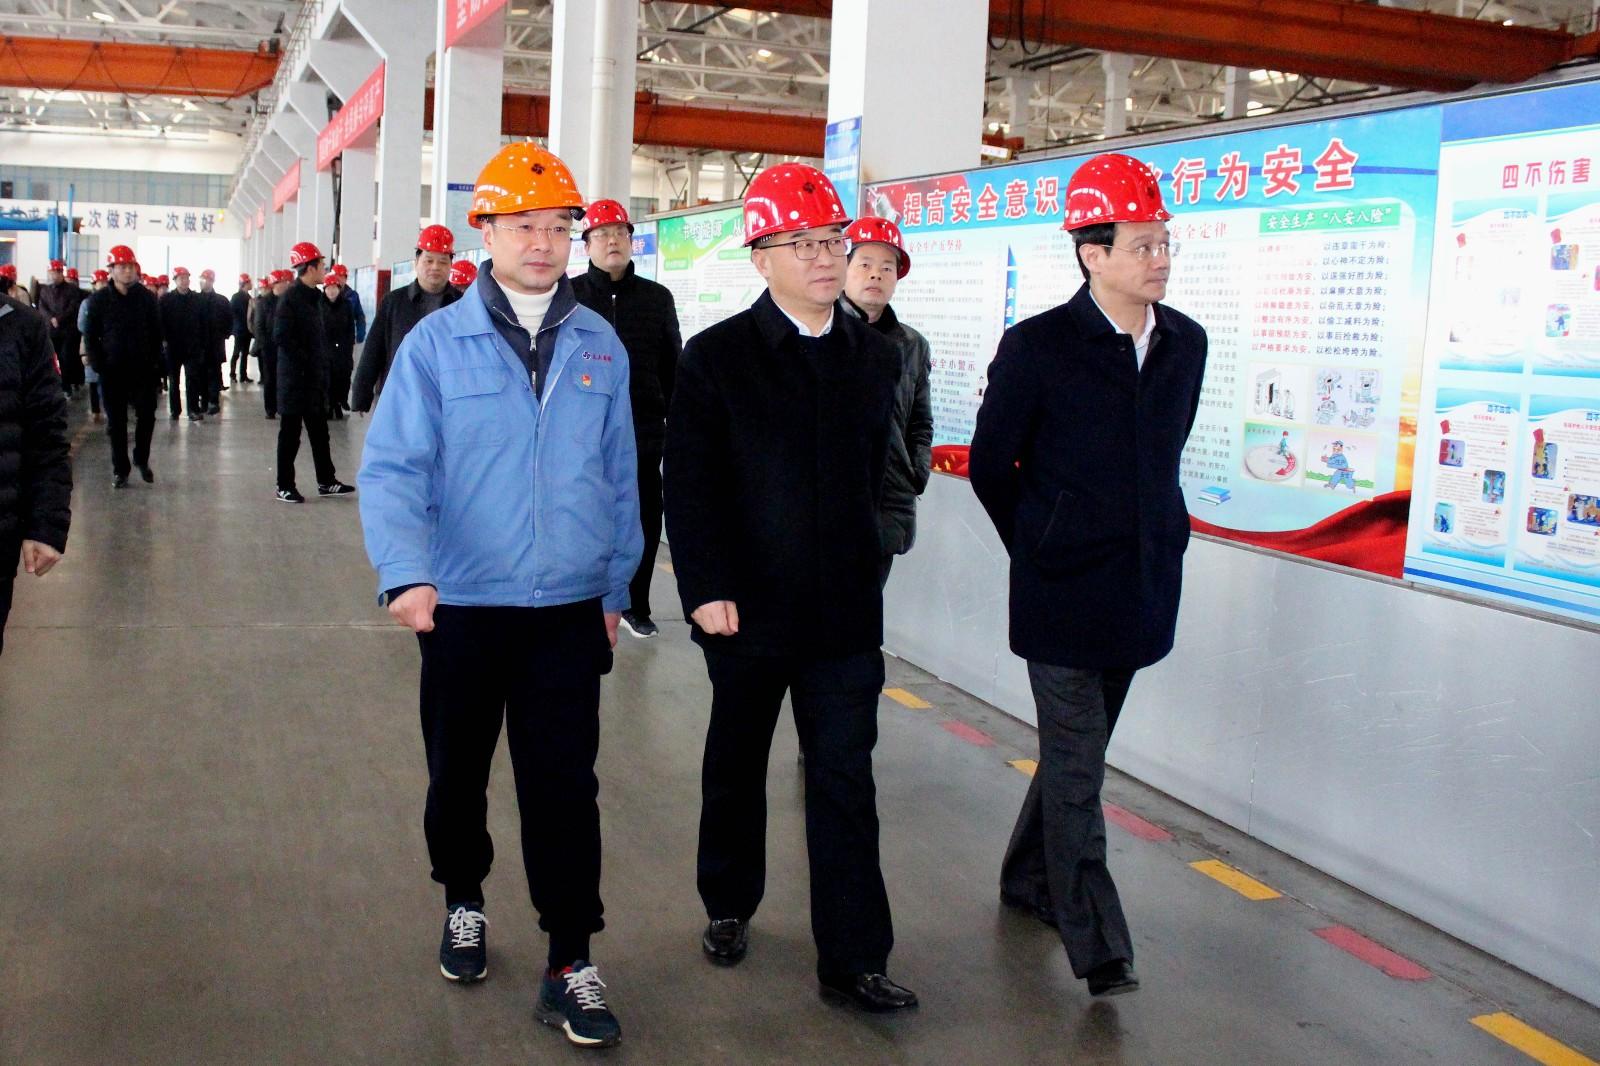 2019年1月16日,郎溪县党政代表团一行来上上电缆参观交流